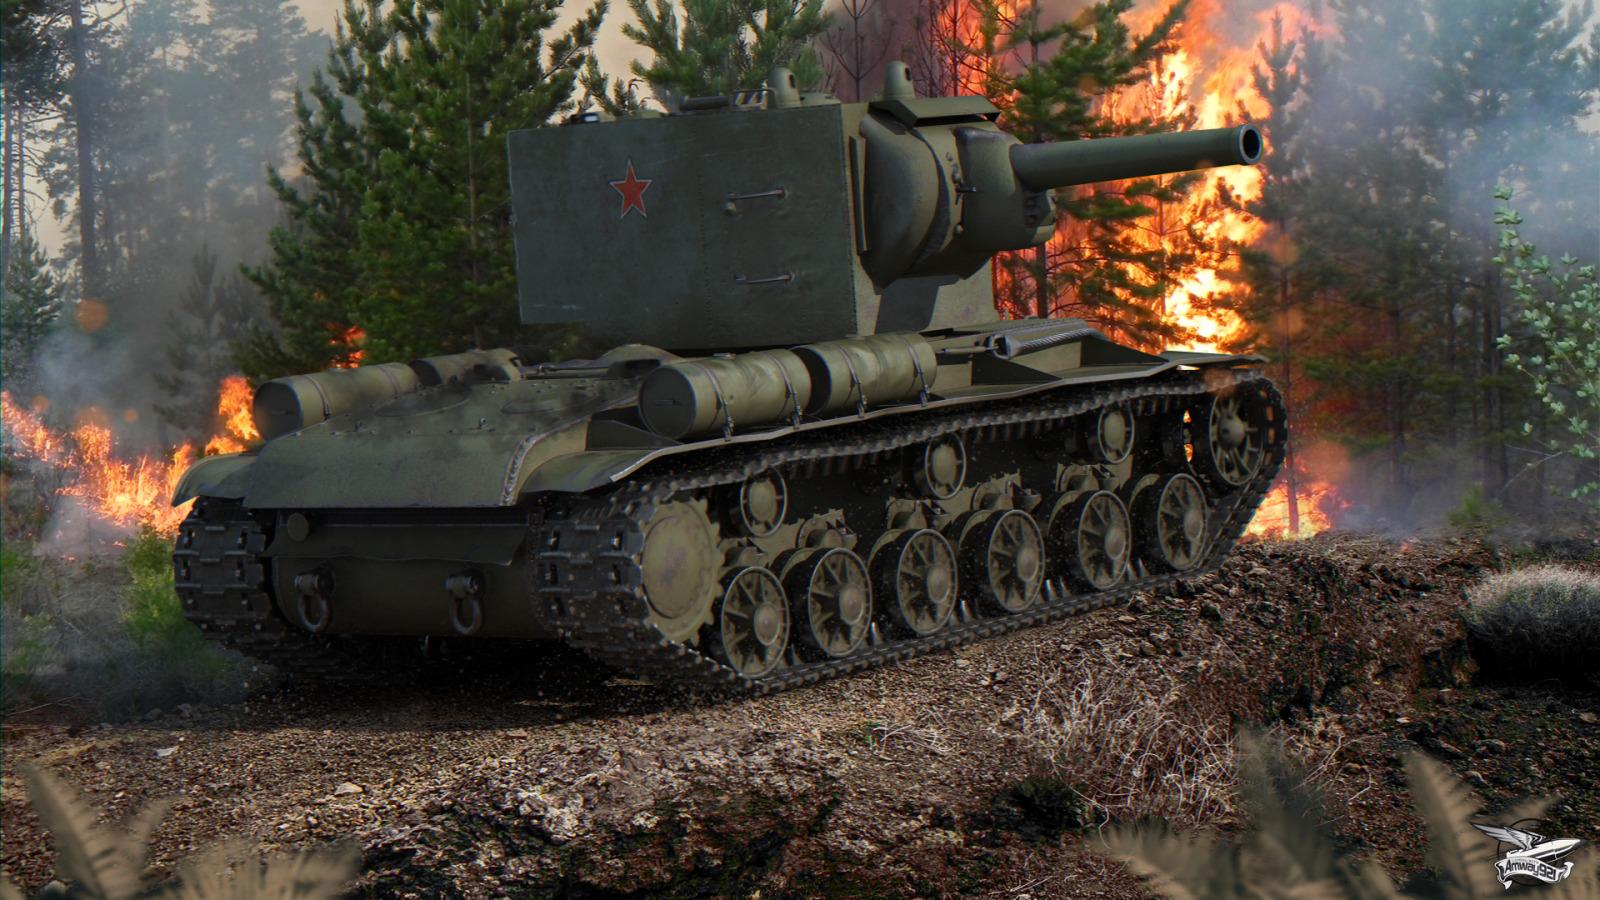 обои для рабочего стола танки 1920х1080 hd танки скачать № 213134 загрузить